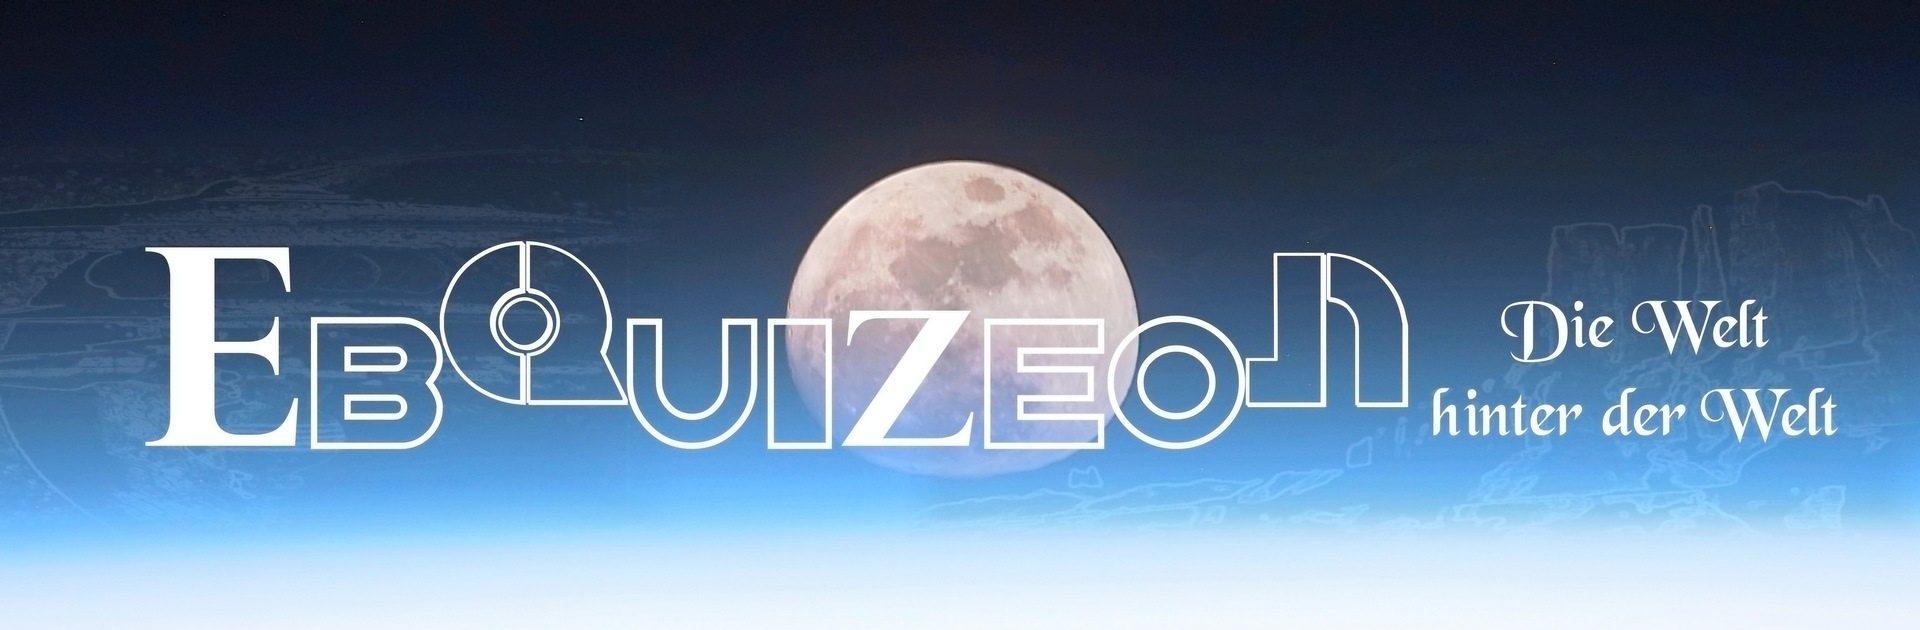 EBQUIZEON – Die Welt hinter der Welt